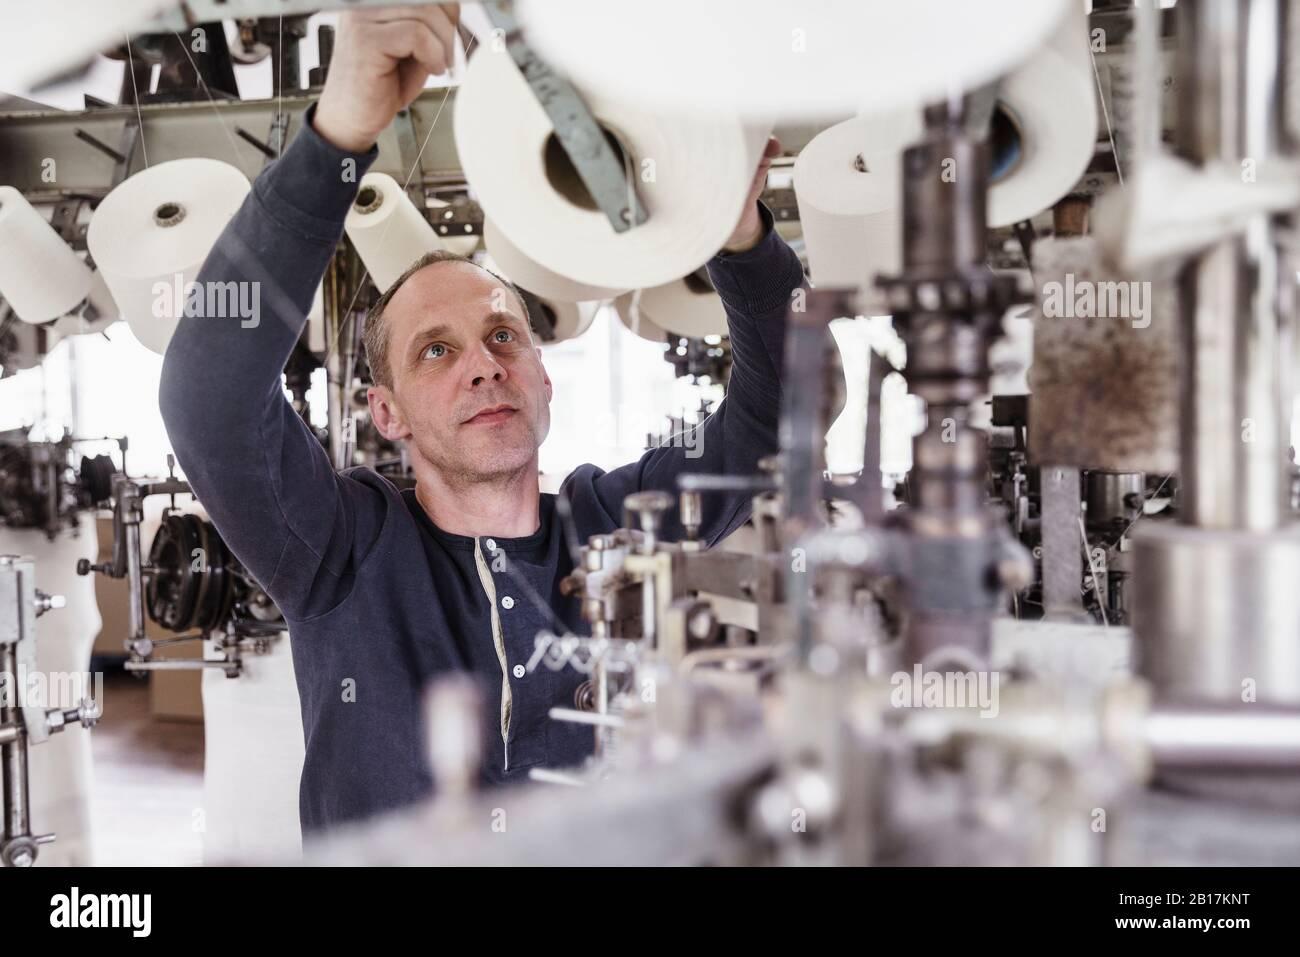 Hombre trabajando en una máquina en una fábrica textil Foto de stock